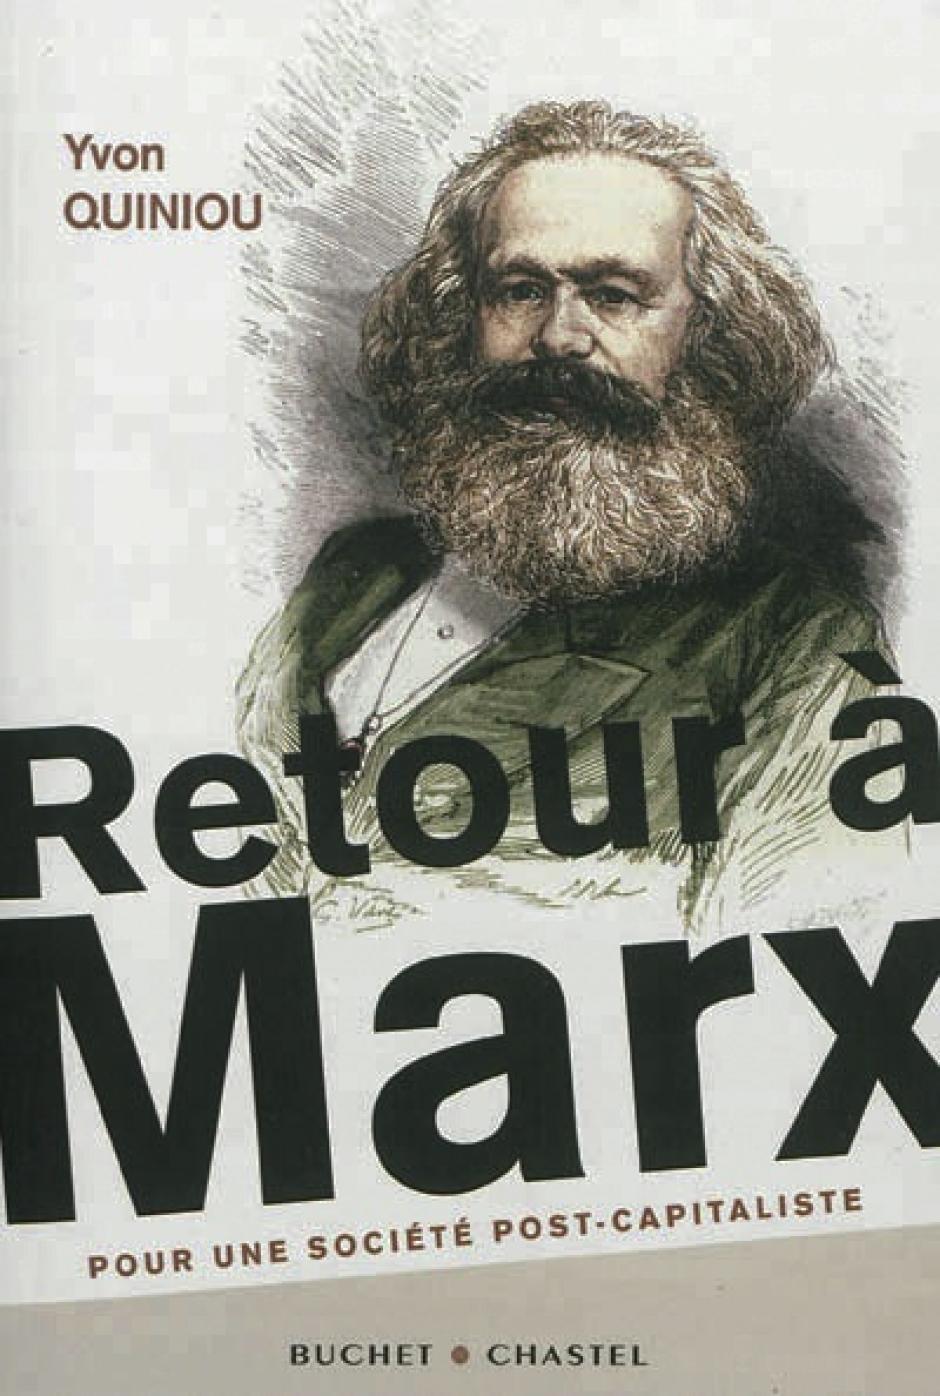 Yvon Quniou, Retour à Marx, Pour une société post-capitaliste